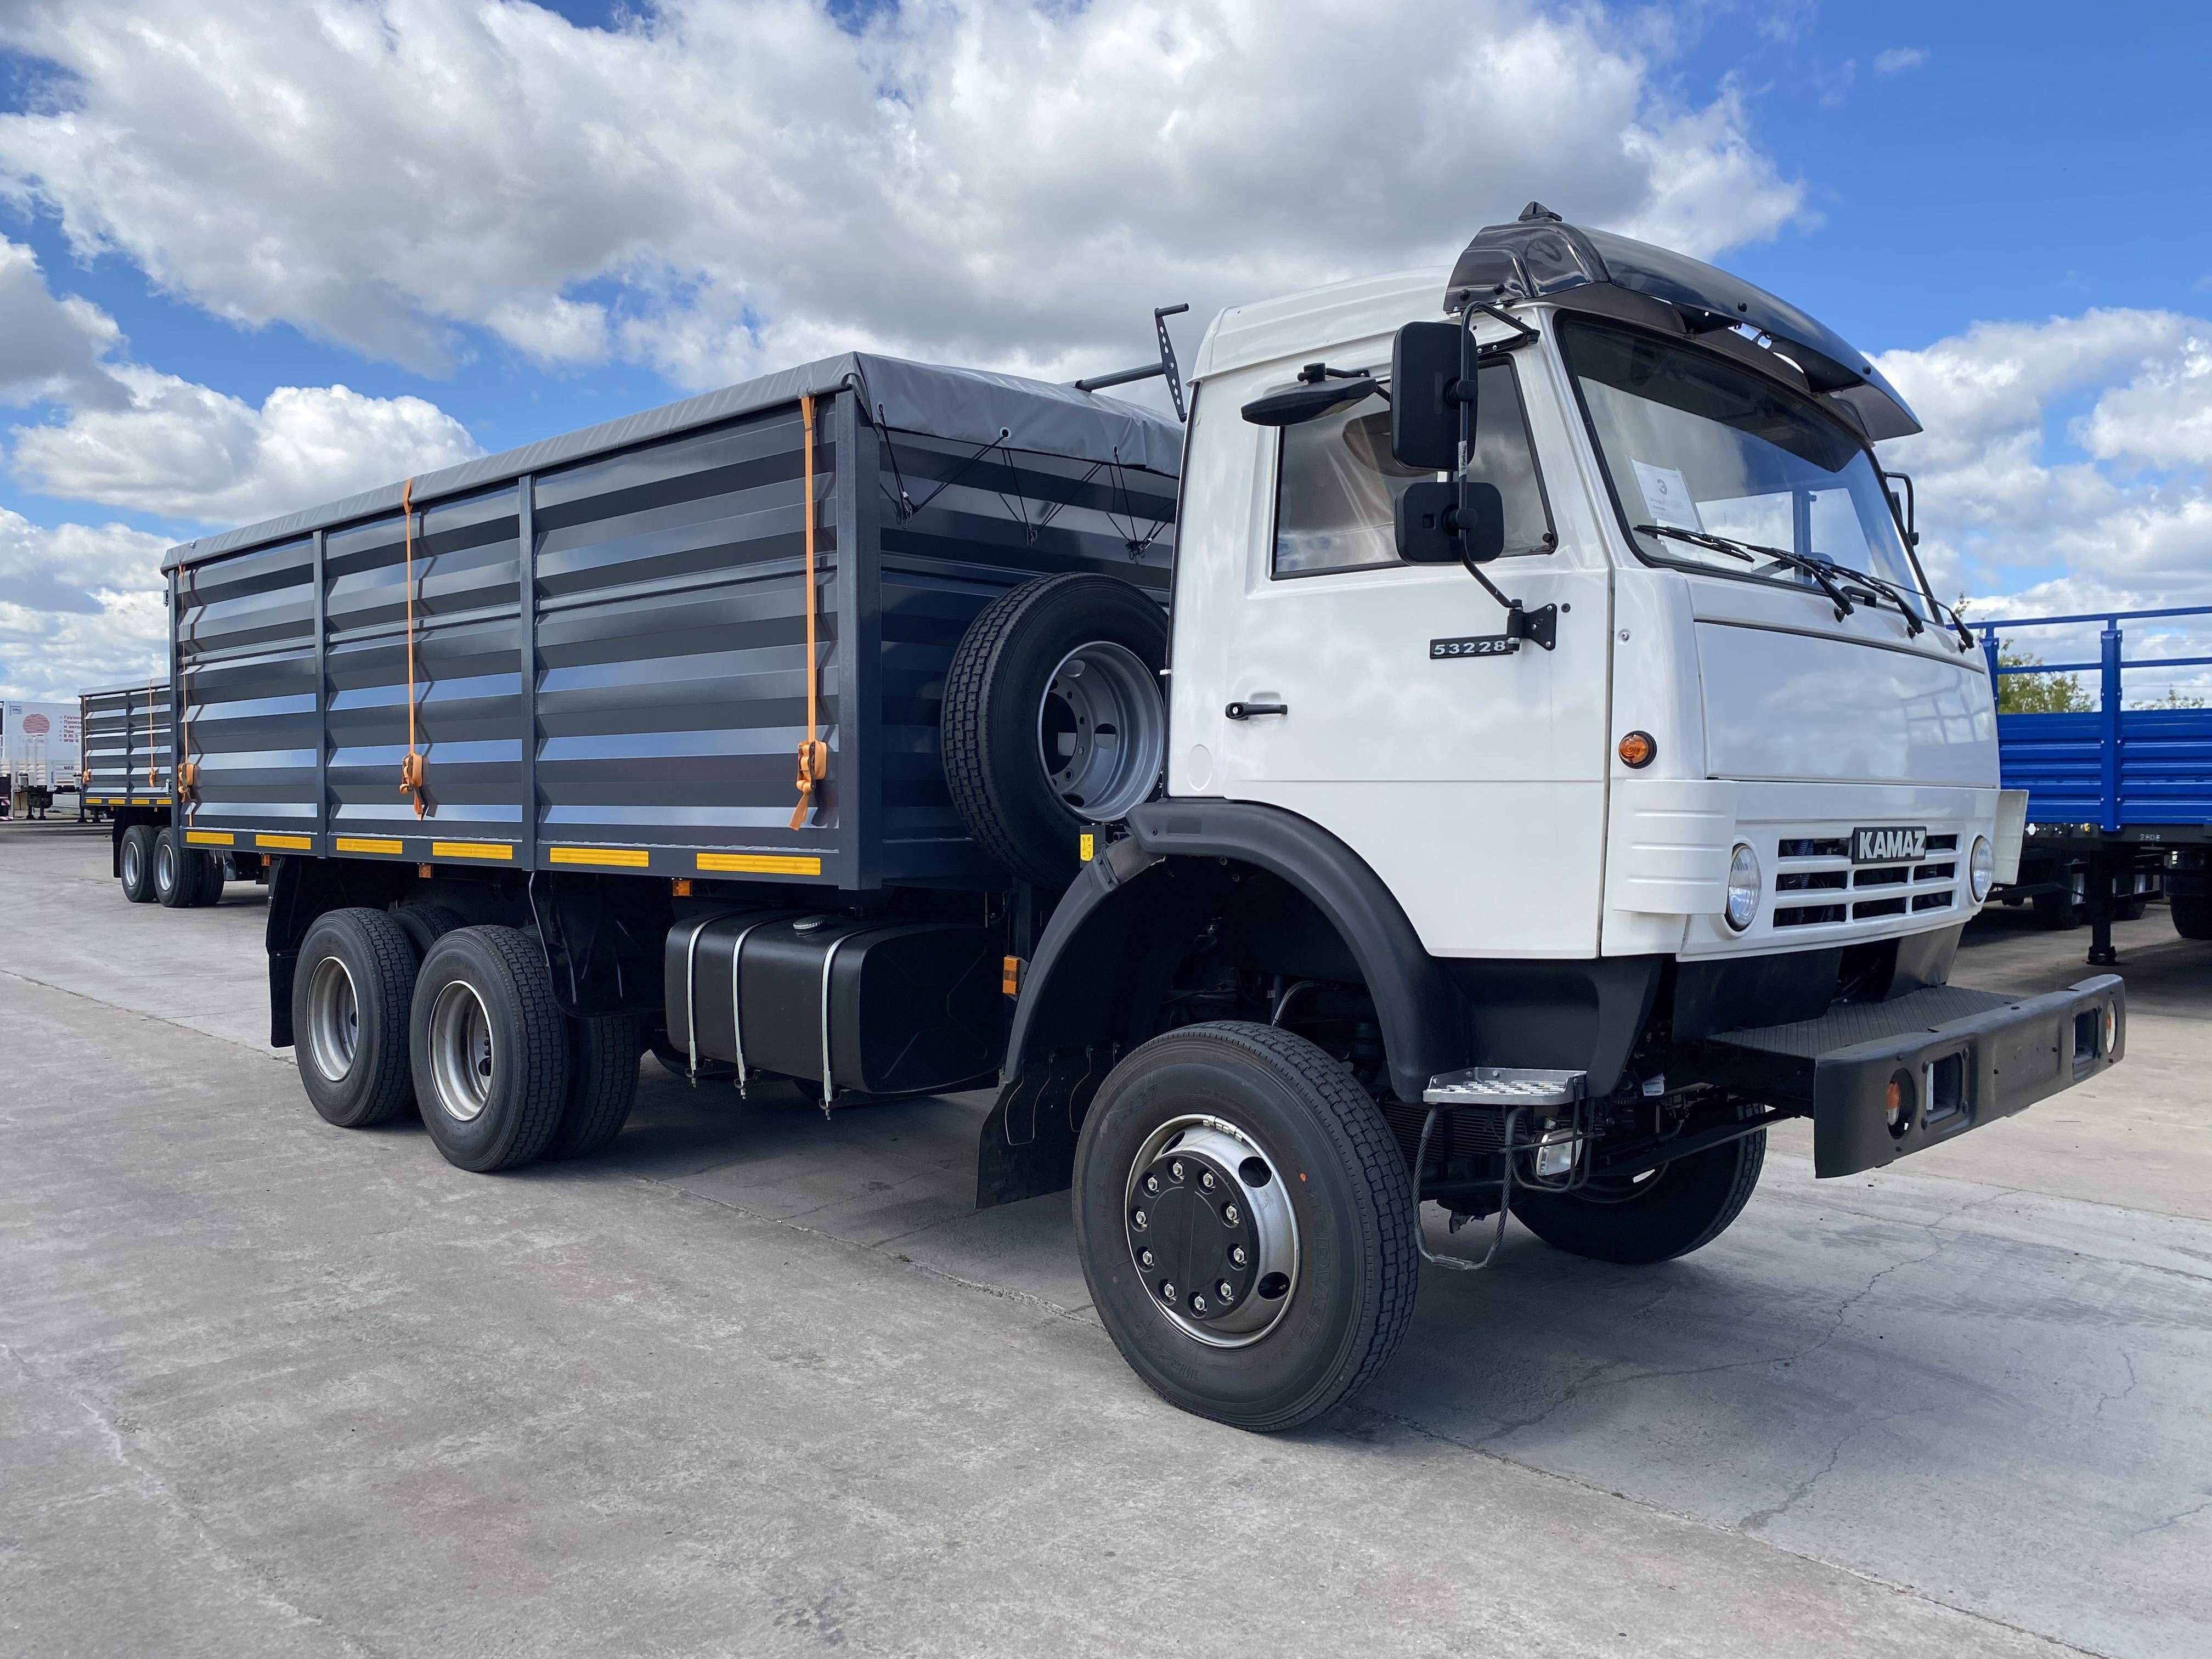 Автомобили КАМАЗ для перевозки «золота» Ганы